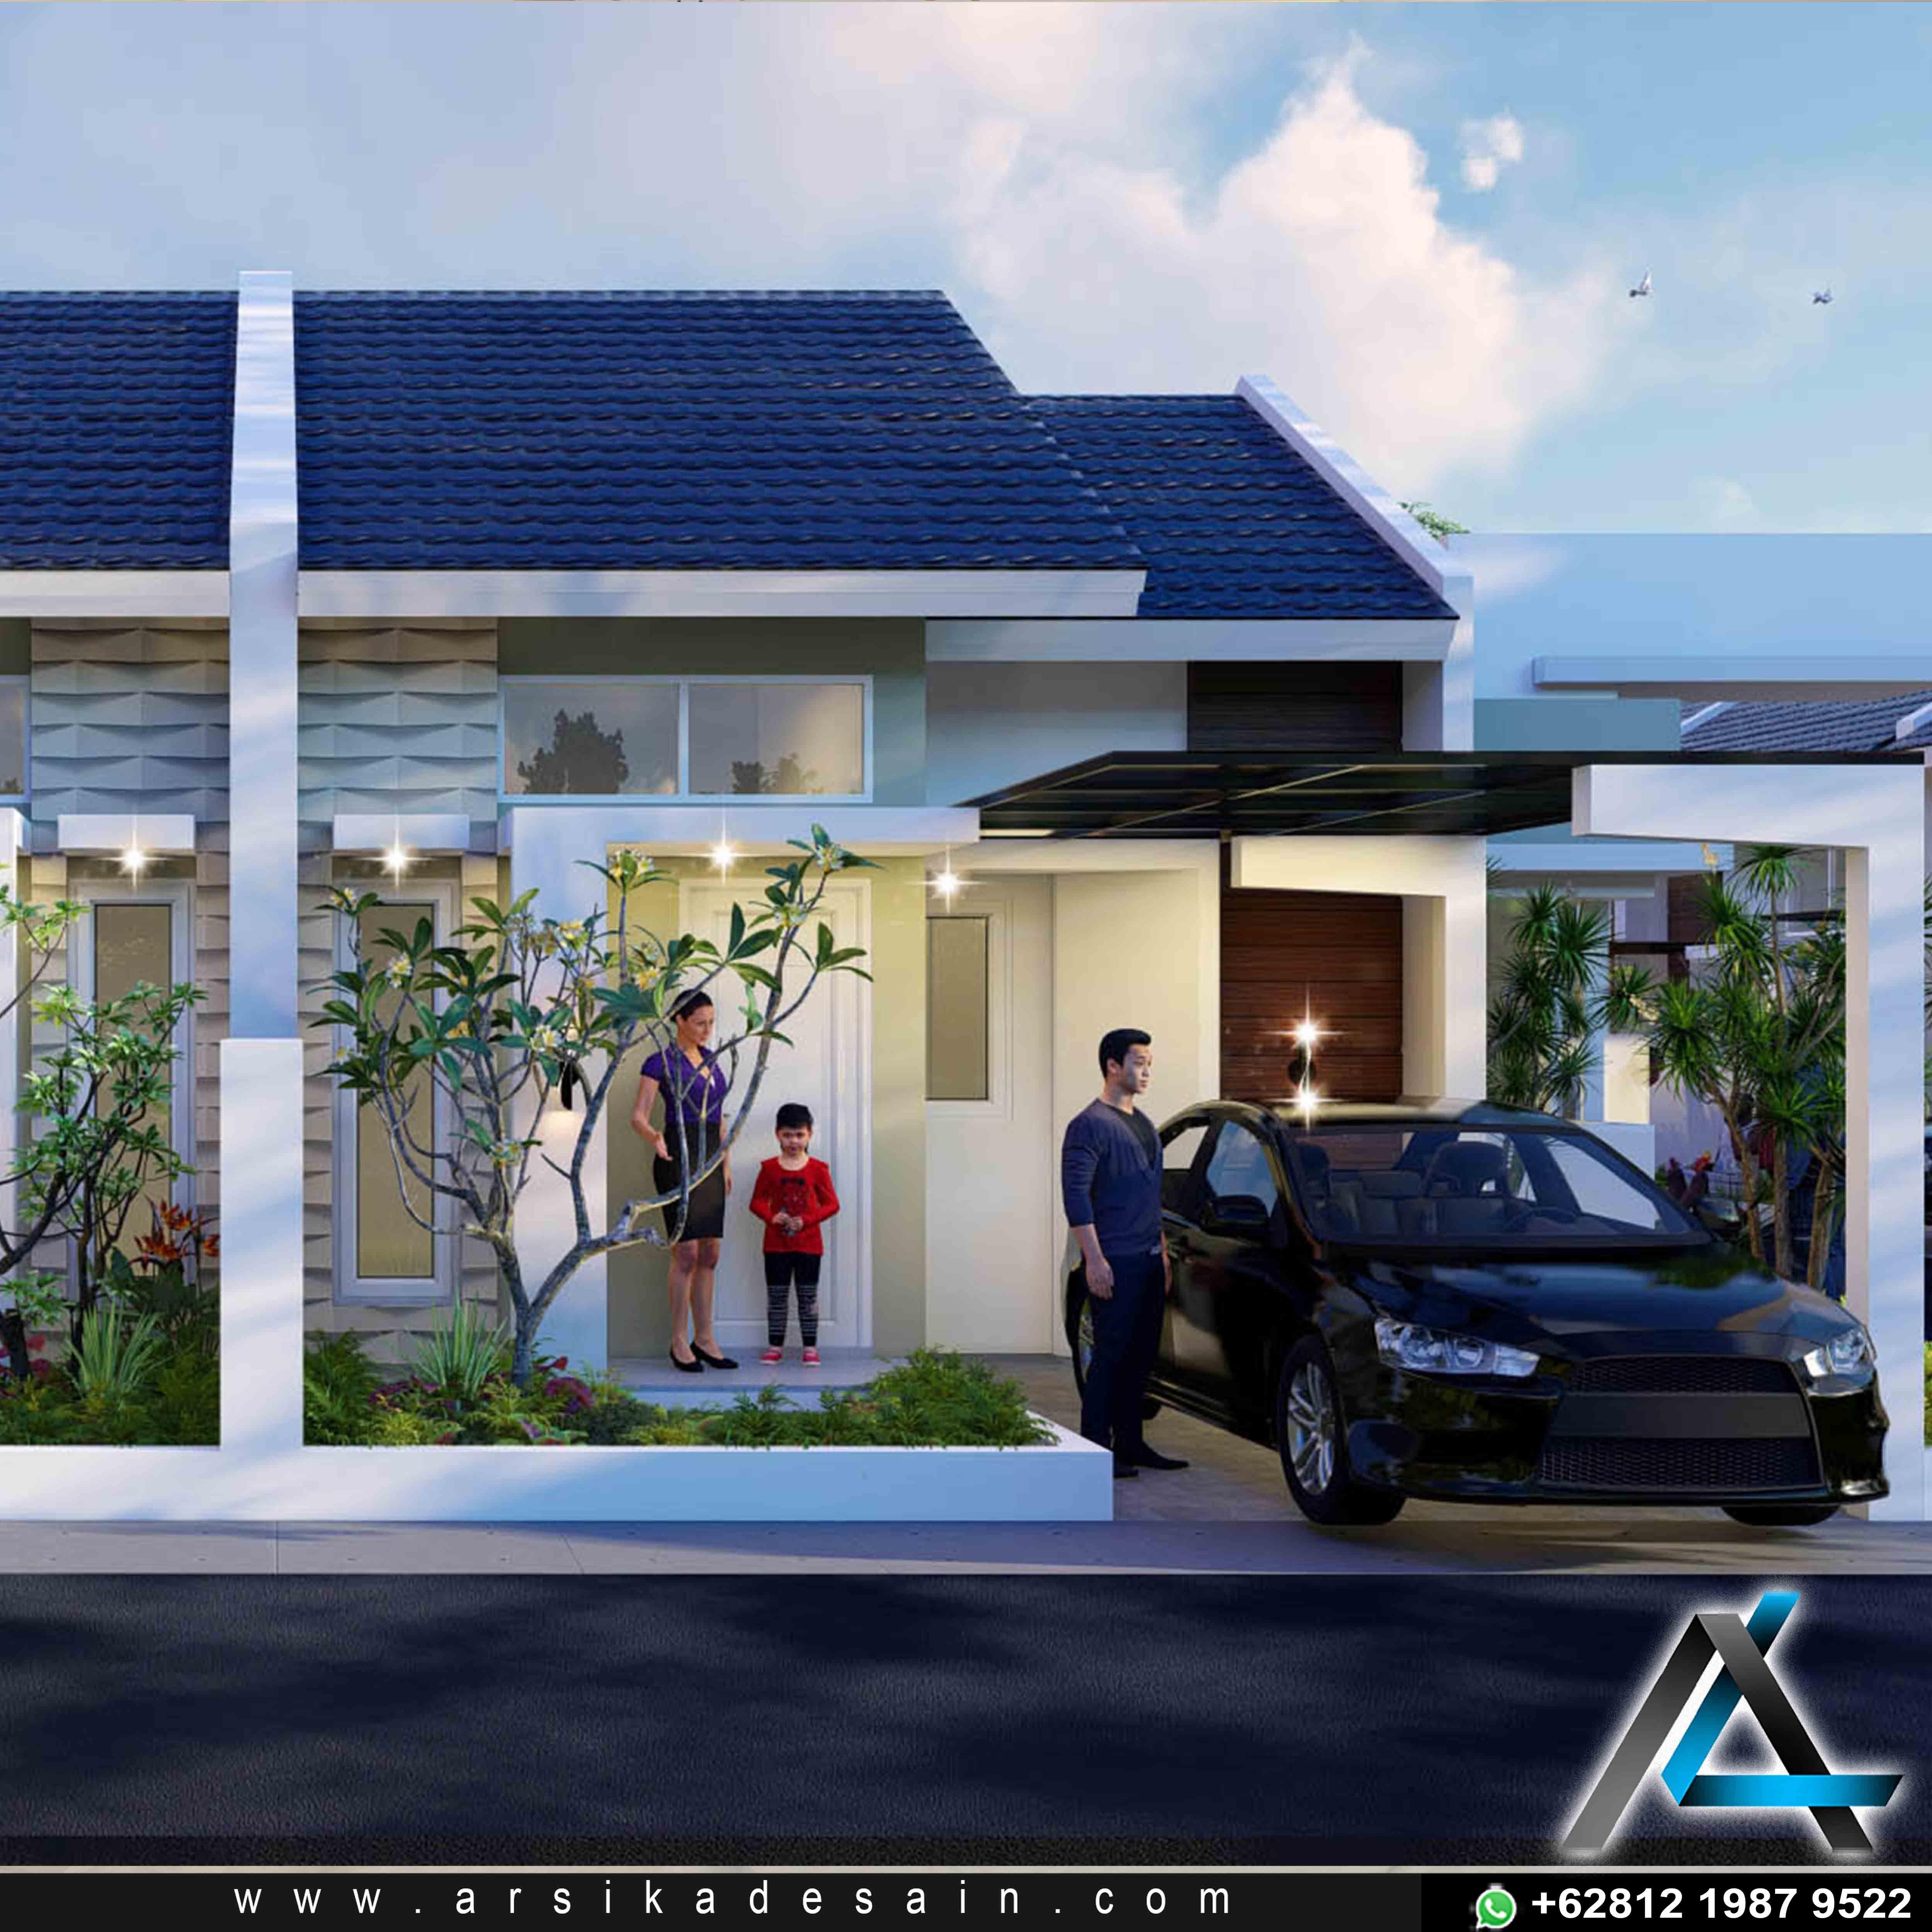 Desain Rumah Minimalis Modern Di 2021 Arsitektur Modern Desain Rumah Minimalis